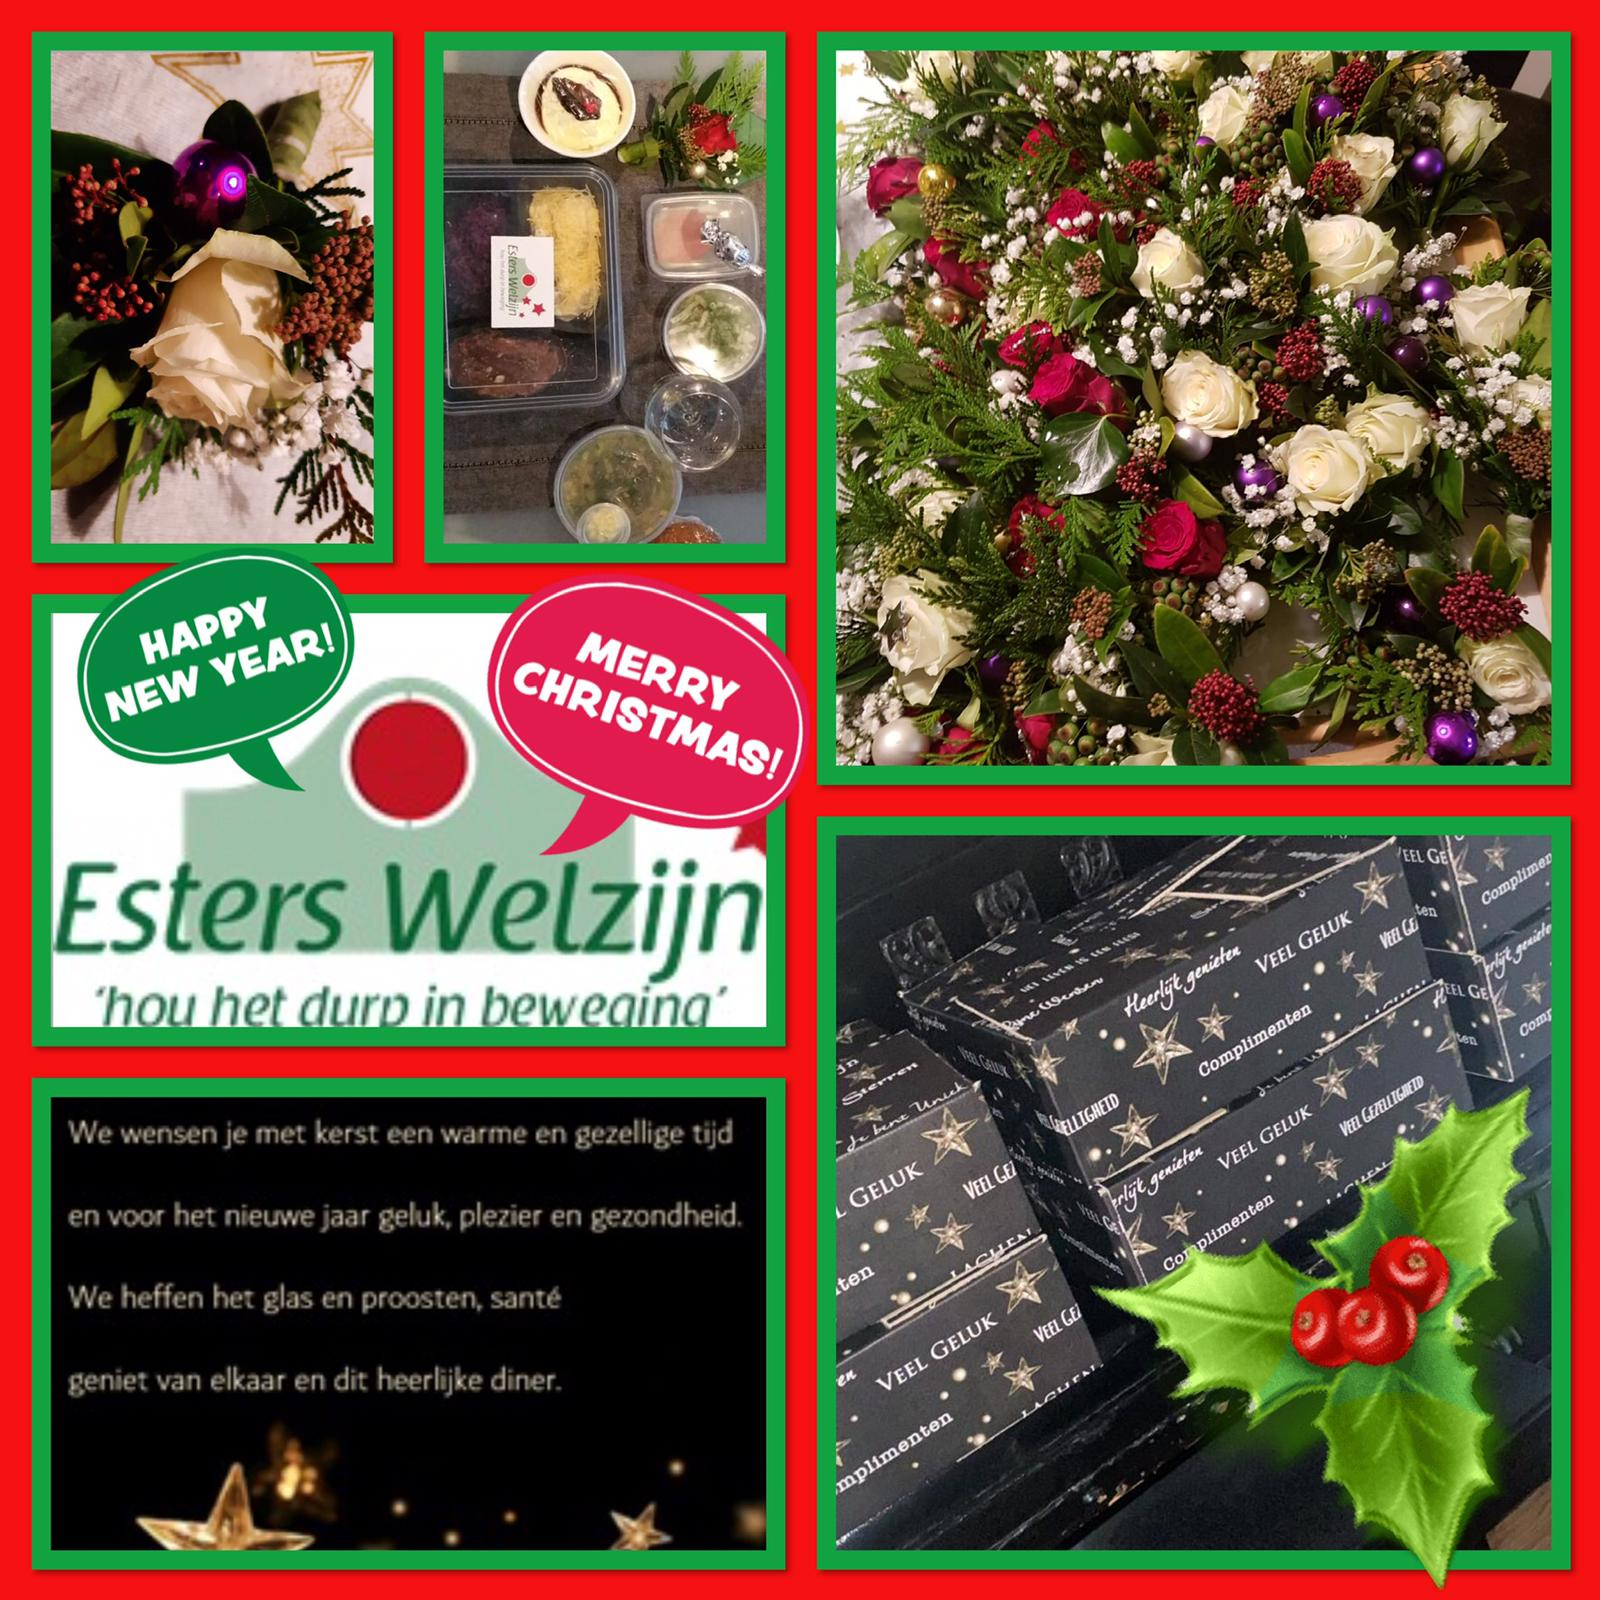 Esters Welzijn fotocollage Kerstdiner 23-12-2020